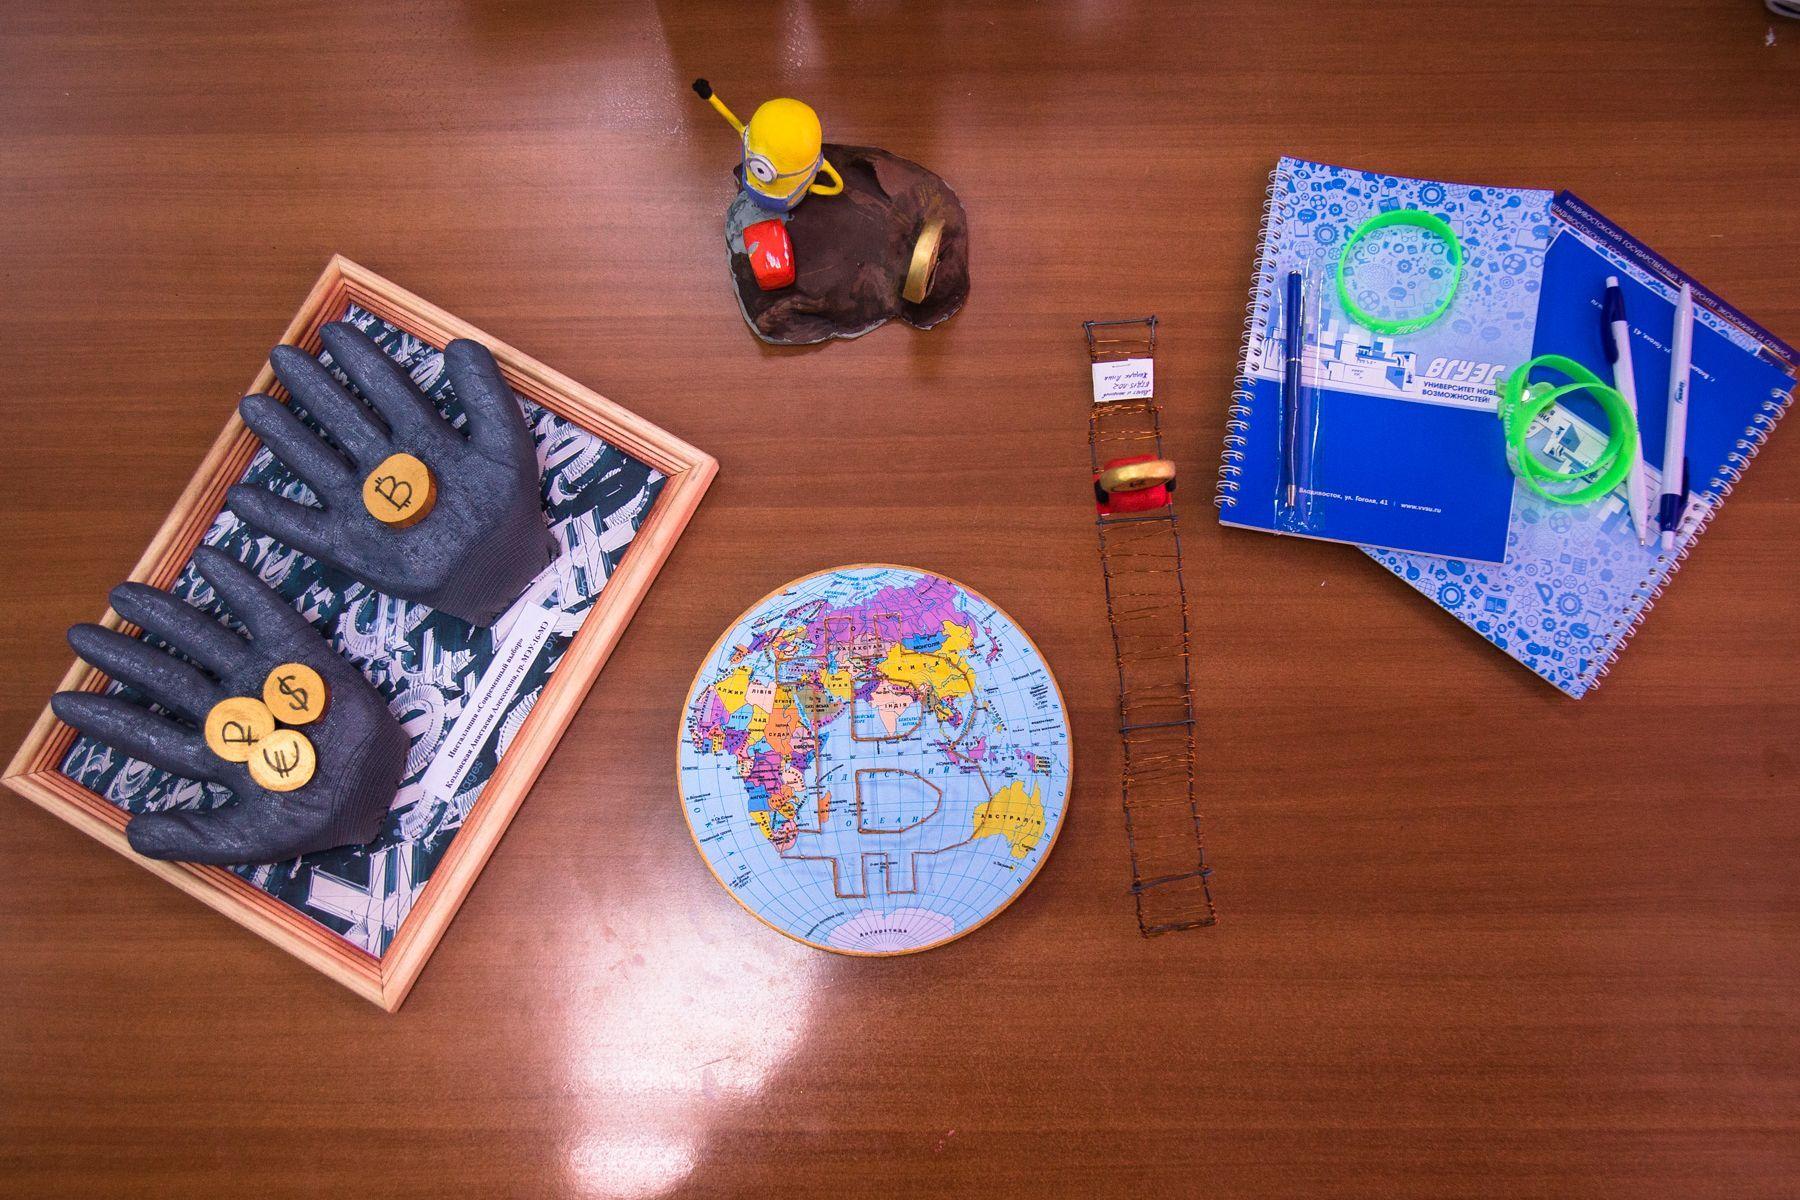 Студенты ВГУЭС получили награды за творческие работы, посвящённые биткоину